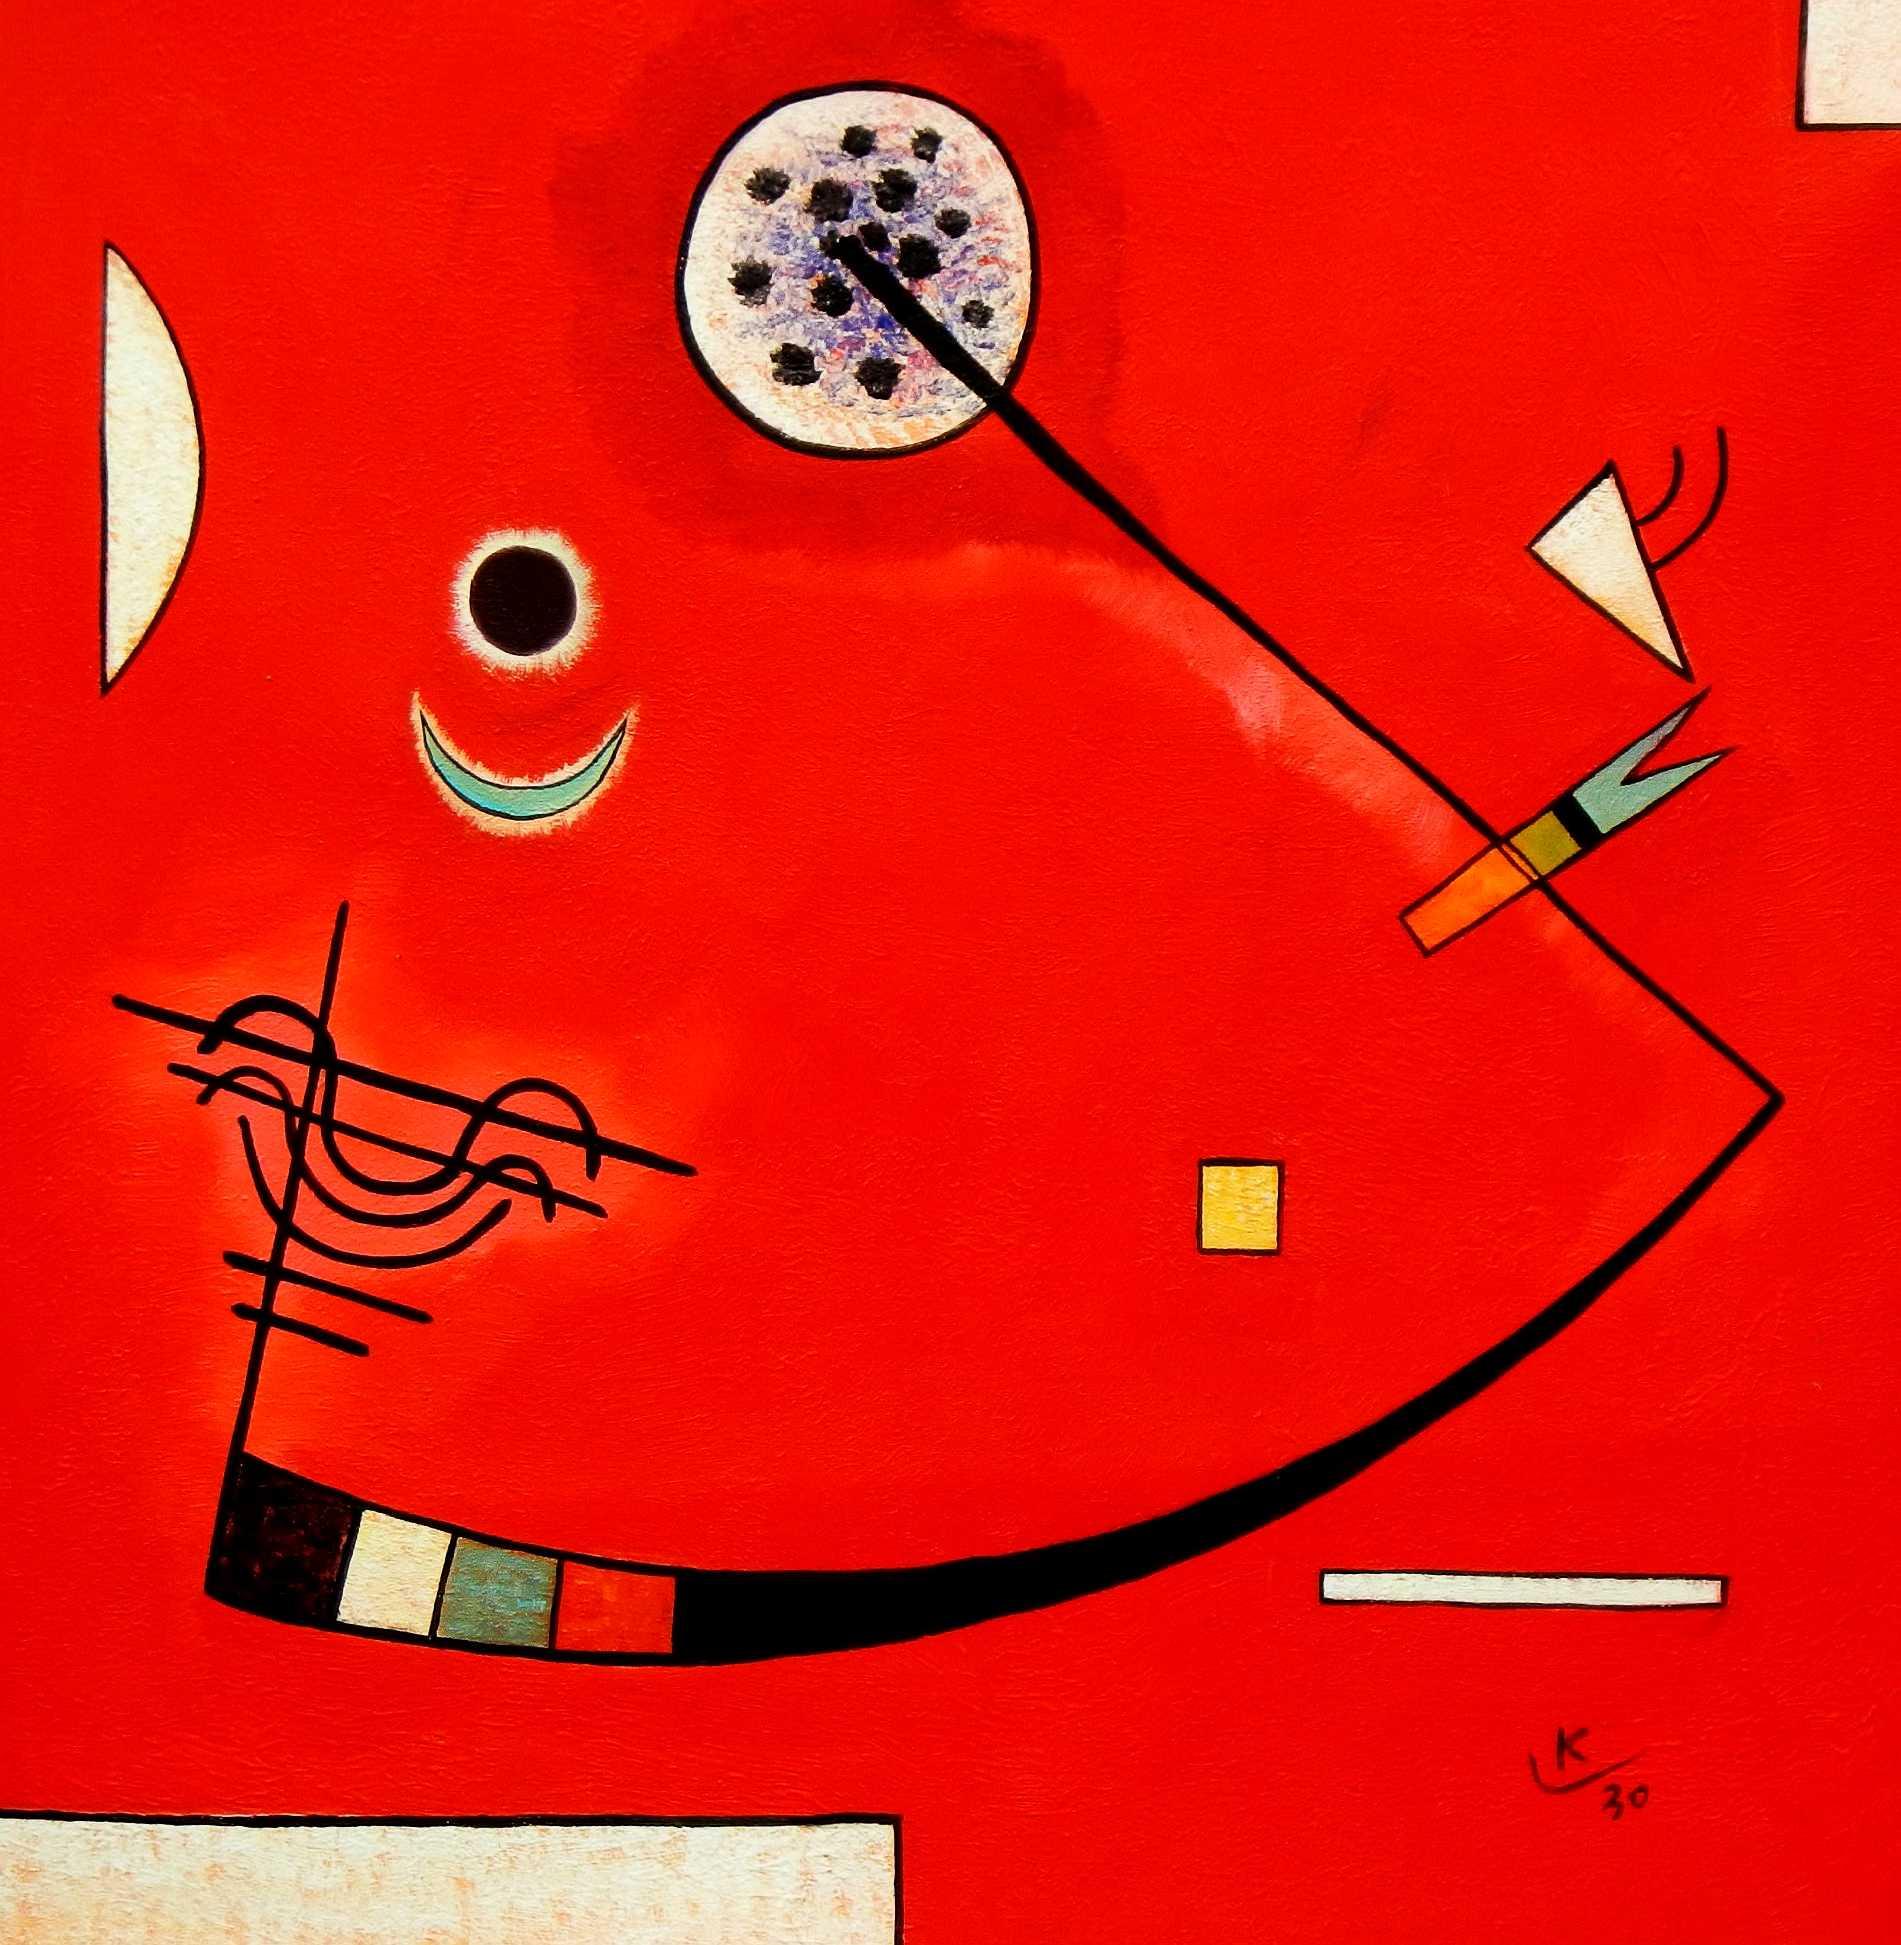 Wassily Kandinsky - Spannung in der Ecke e94912 60x60cm lustiges Ölbild